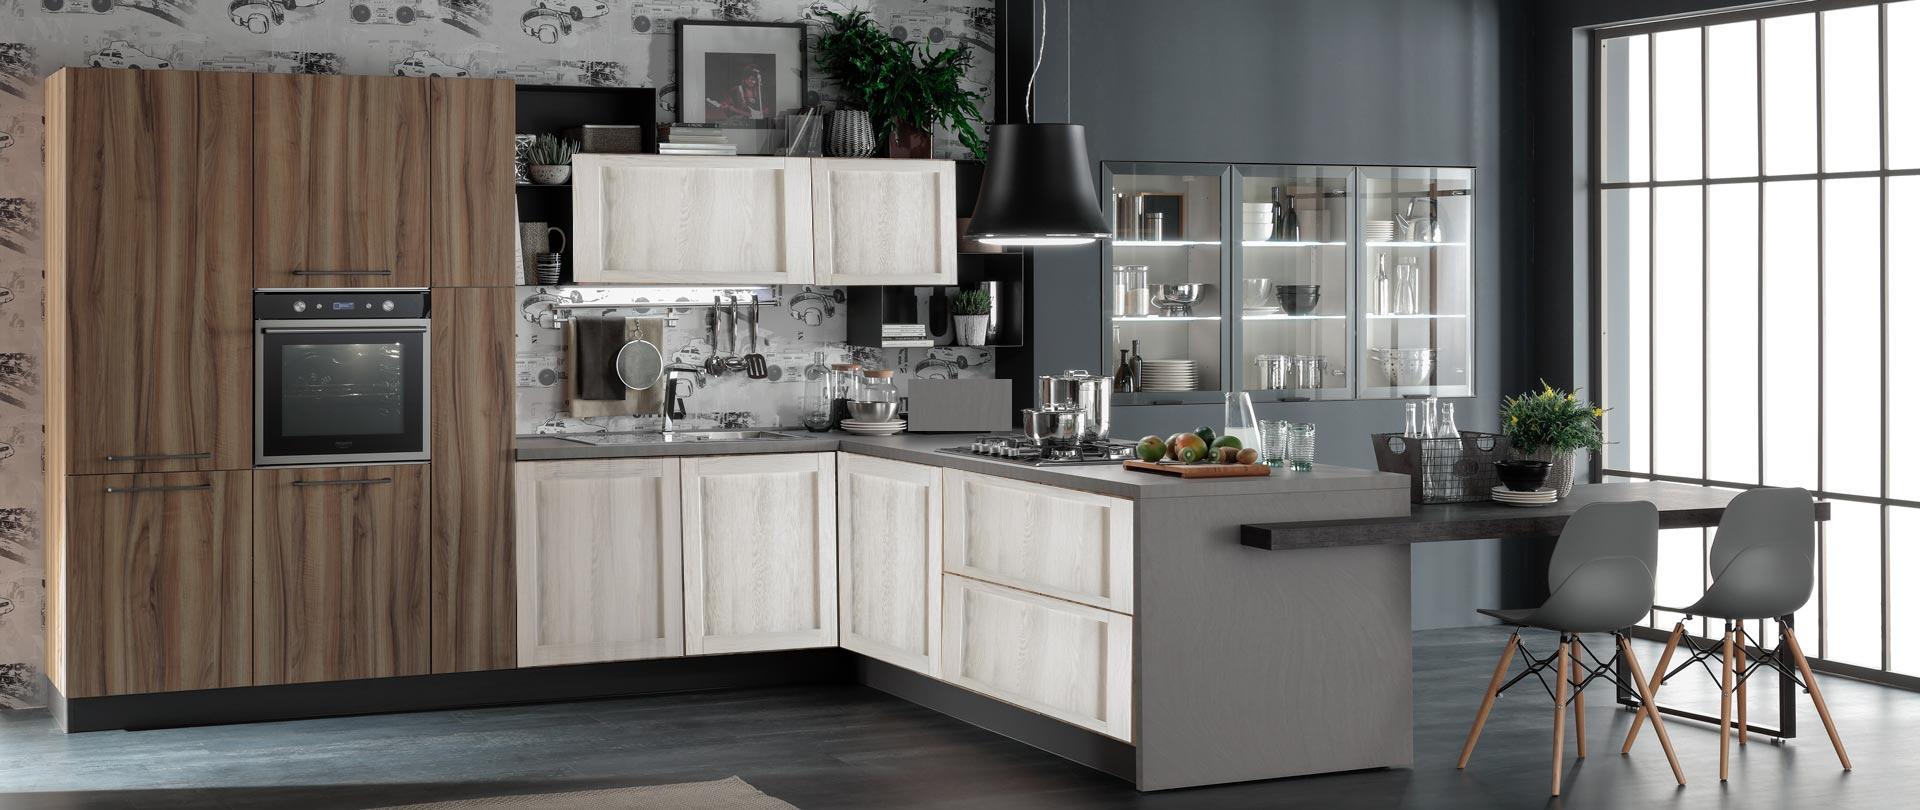 Cucina con penisola living con tavolo integrato in offerta - Tavolo a penisola ...